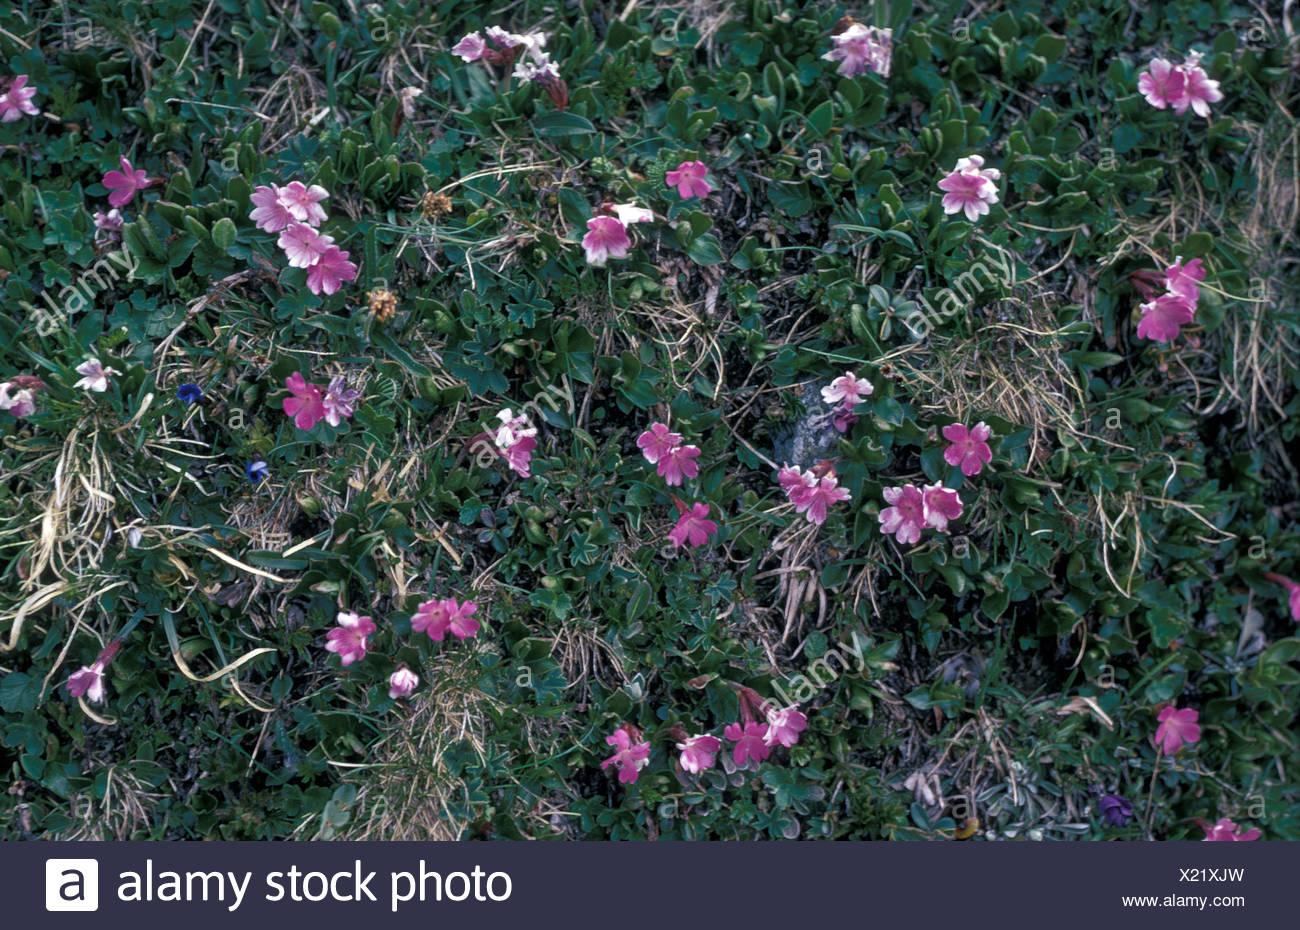 Entire Leaved Primrose Primula integrifolia - Stock Image